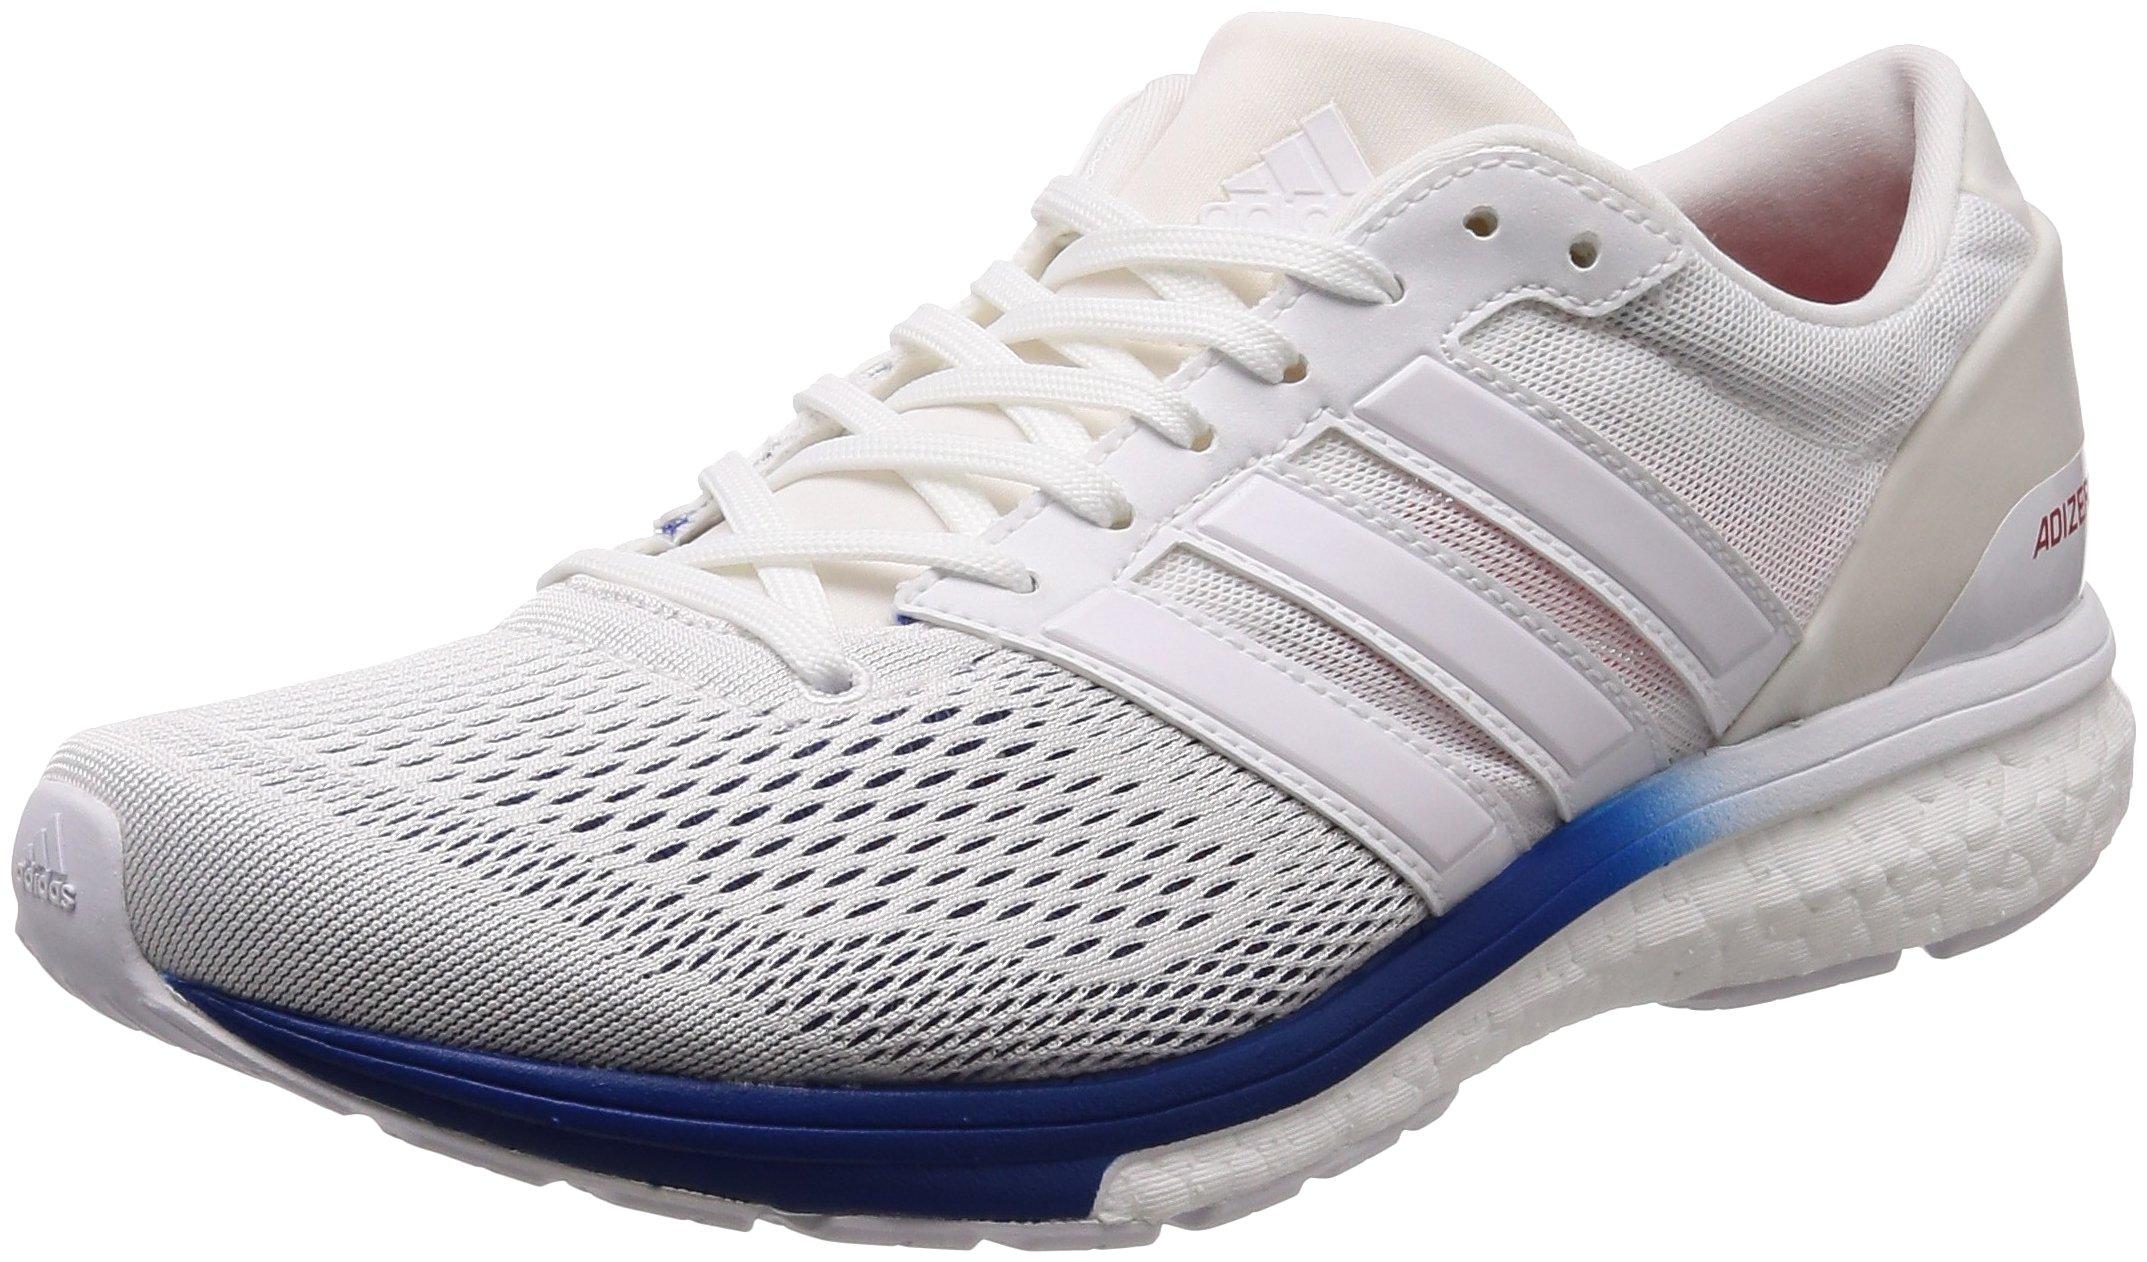 adidas Adizero Boston 6 Aktiv Training Shoes